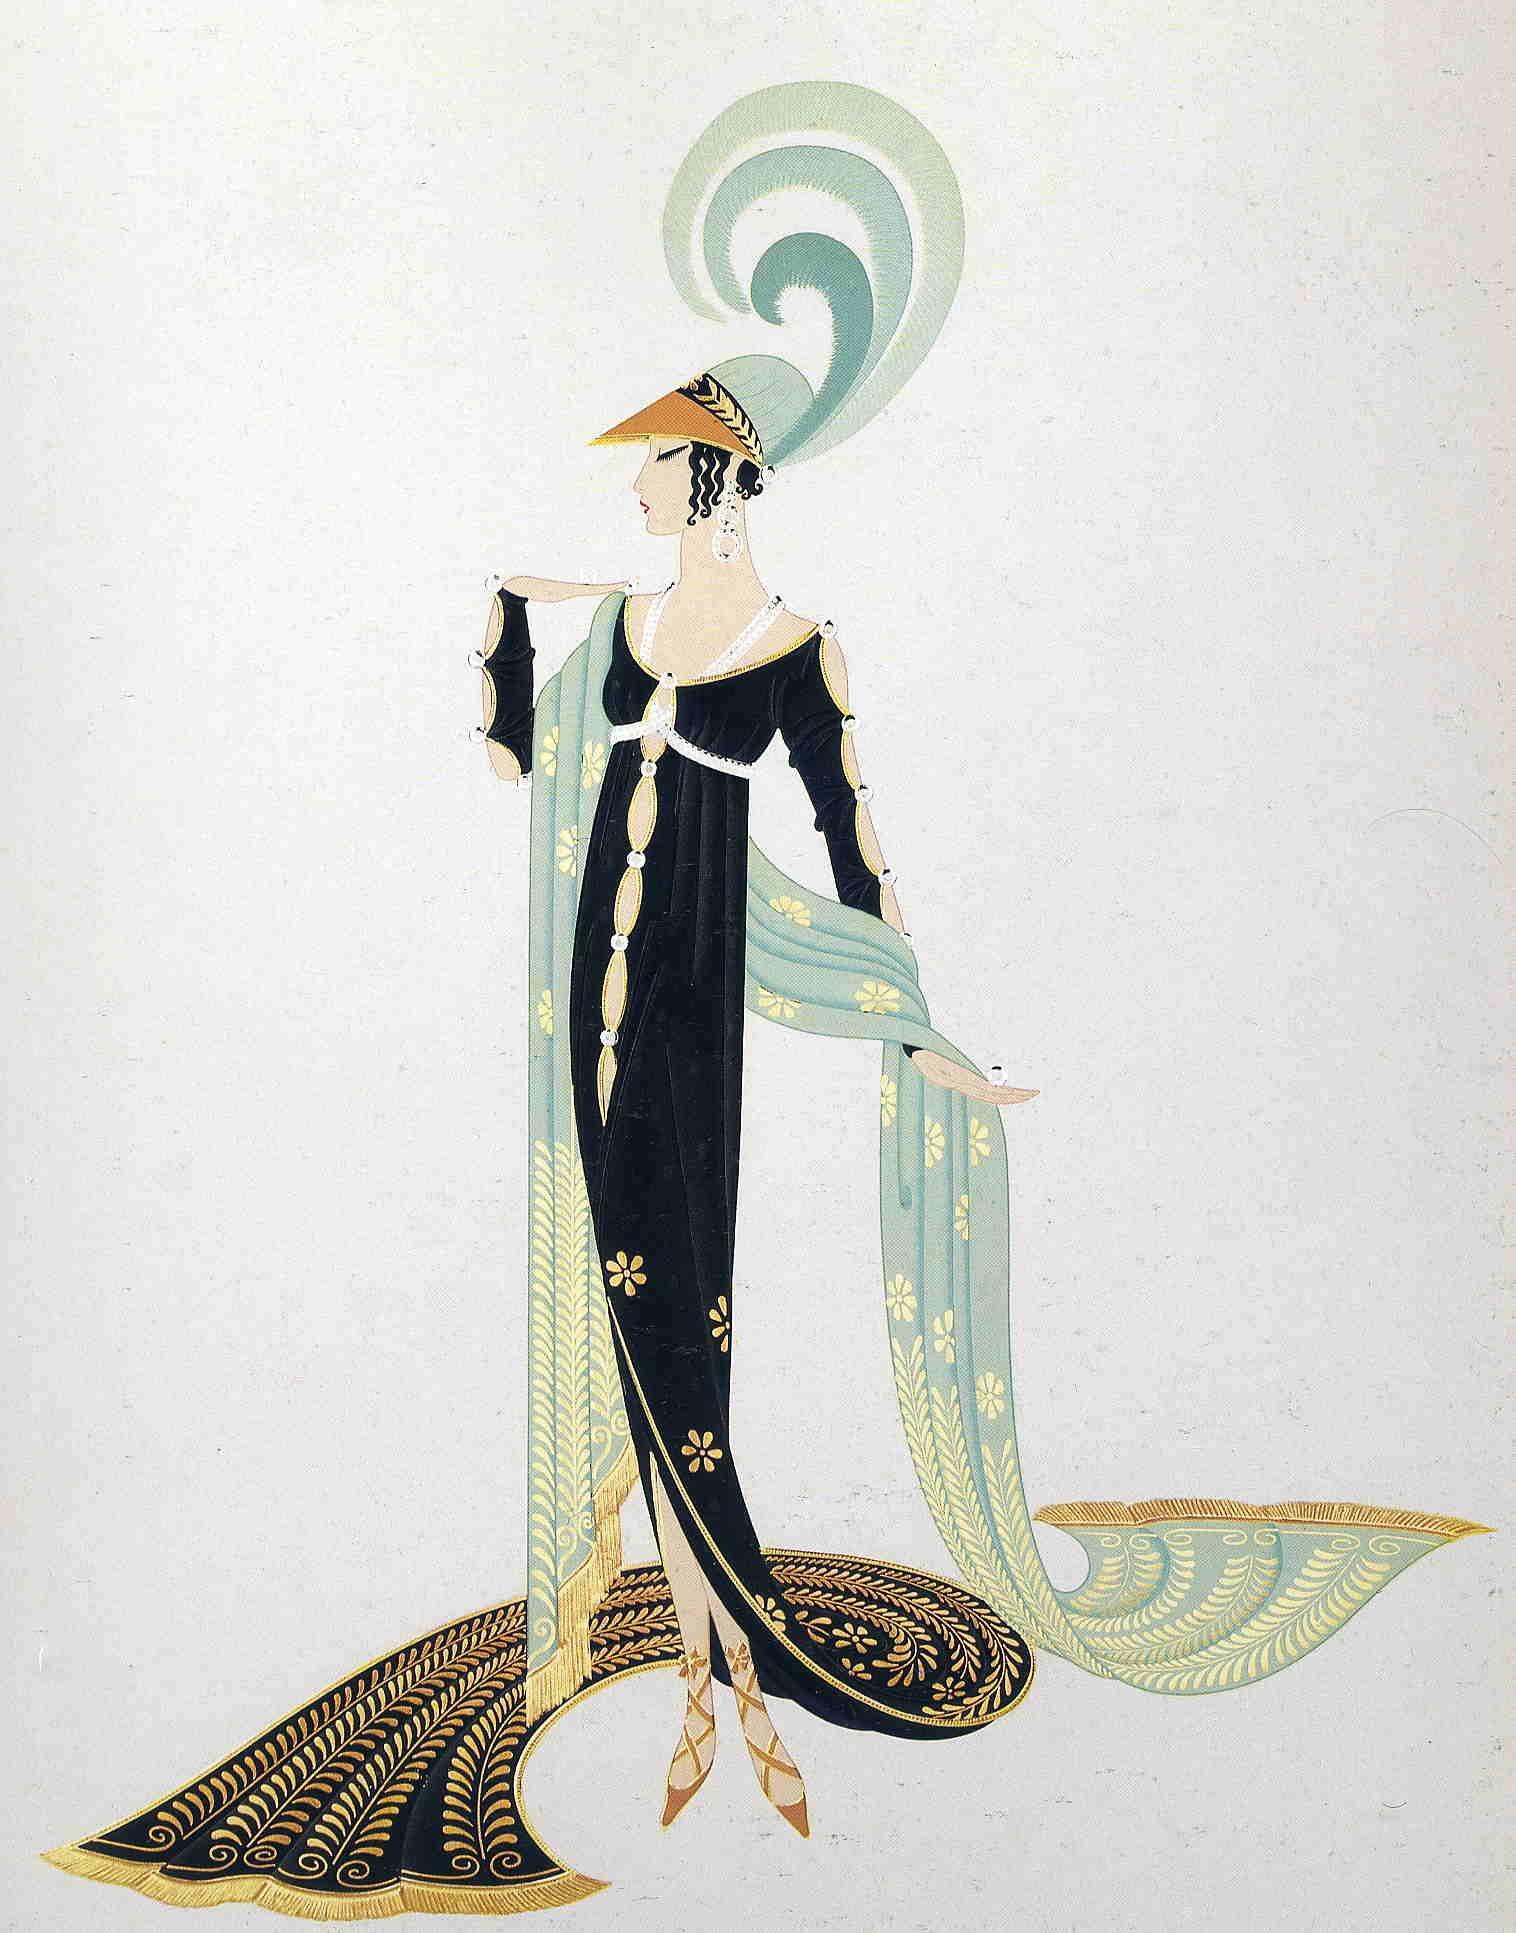 Directoire erte illustration art nouveau deco for Art deco illustration